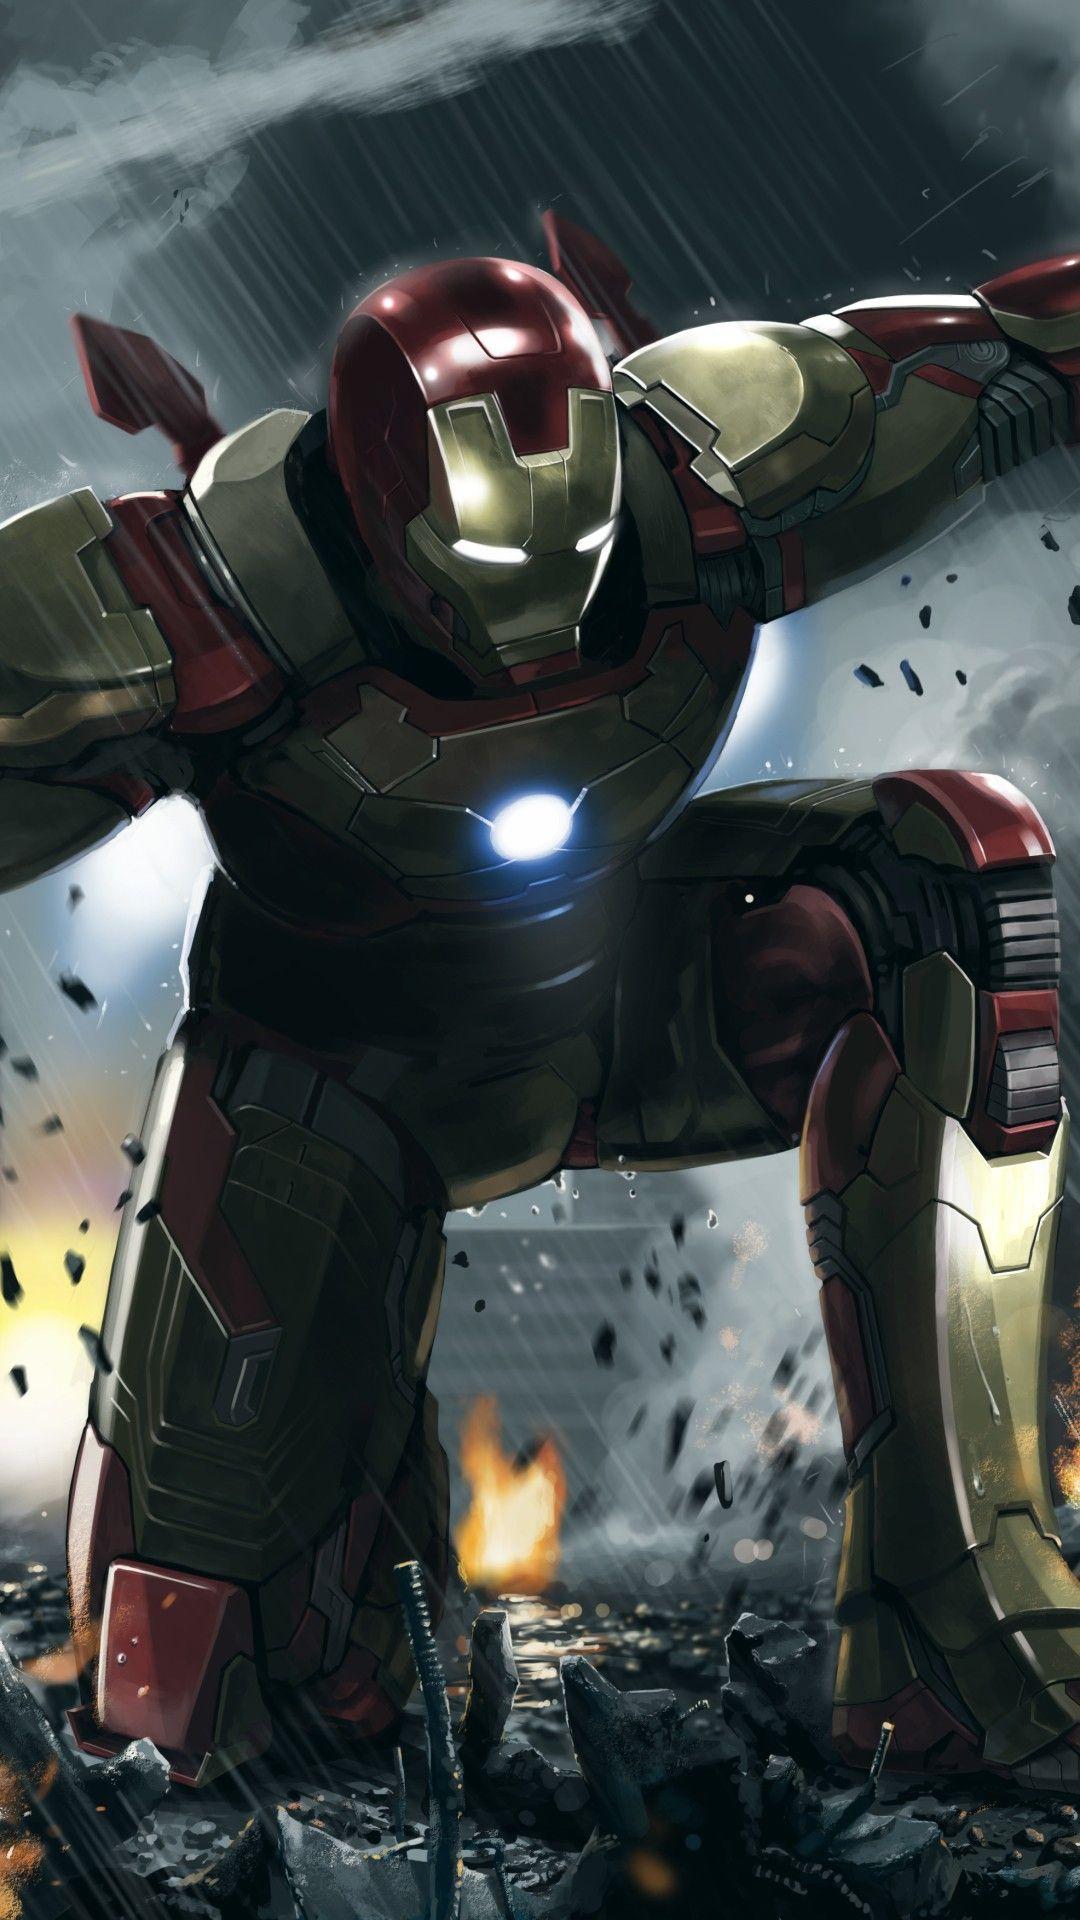 Pin On Team Stark